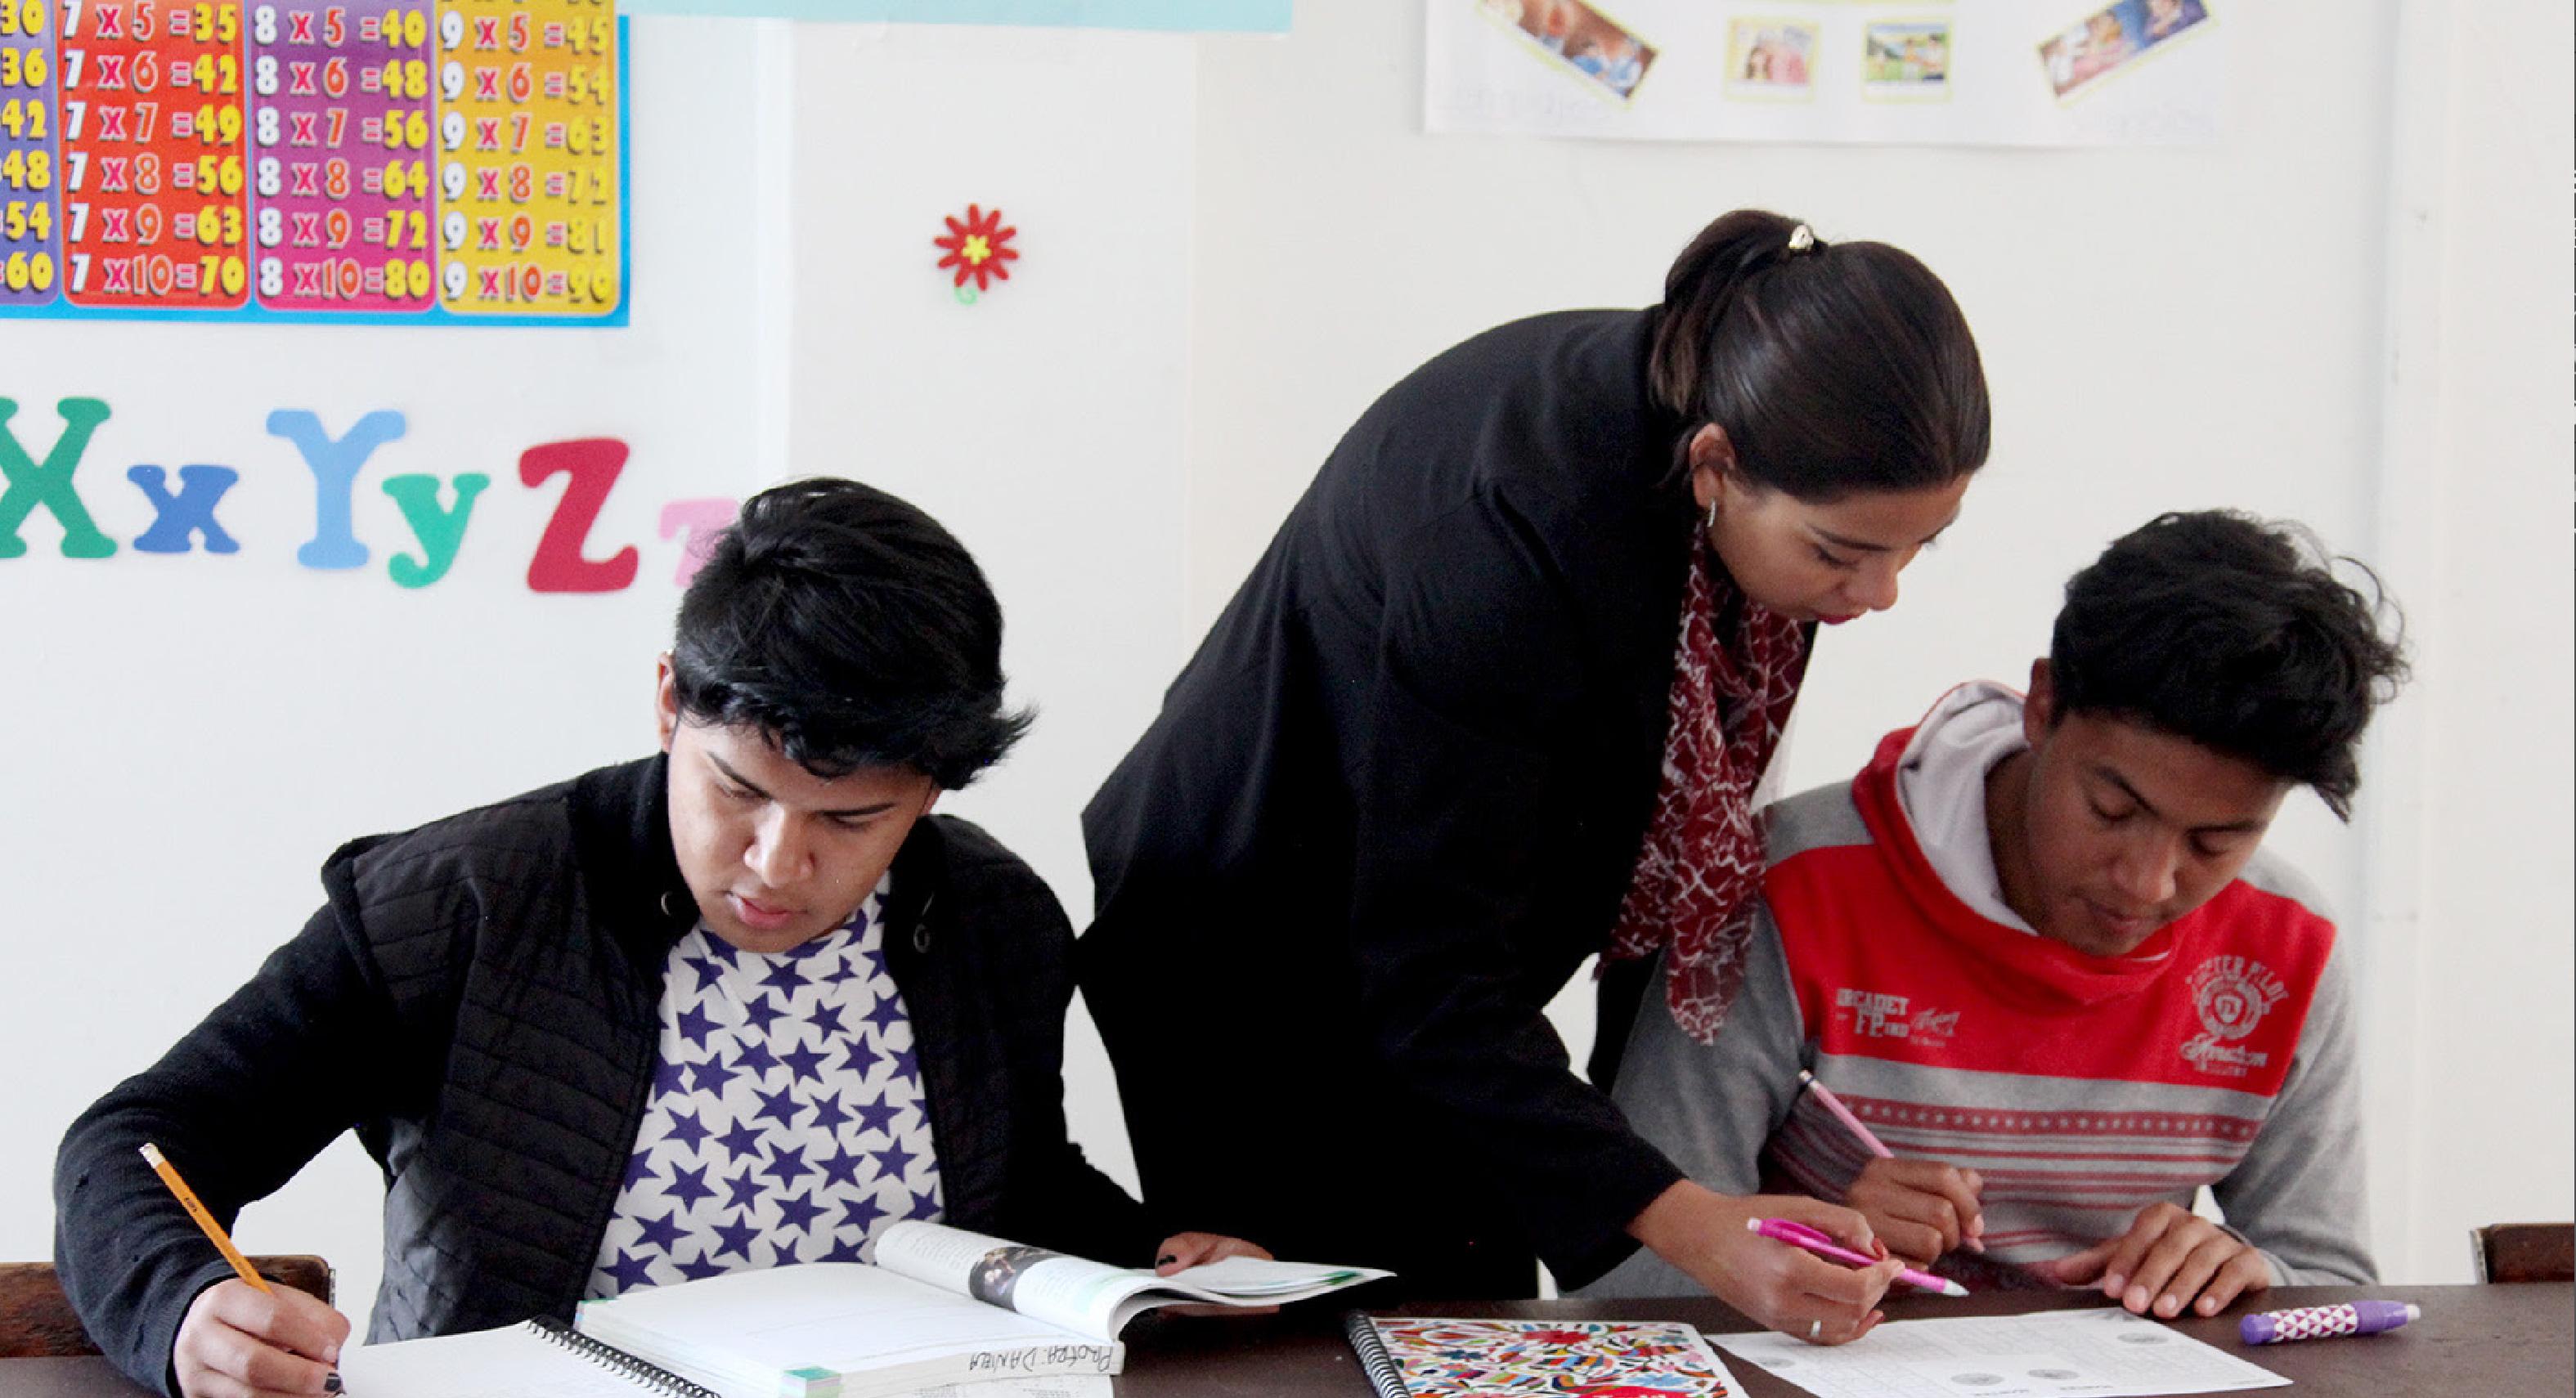 Escuelas privadas brindan descuentos para mantener matricula de alumnos